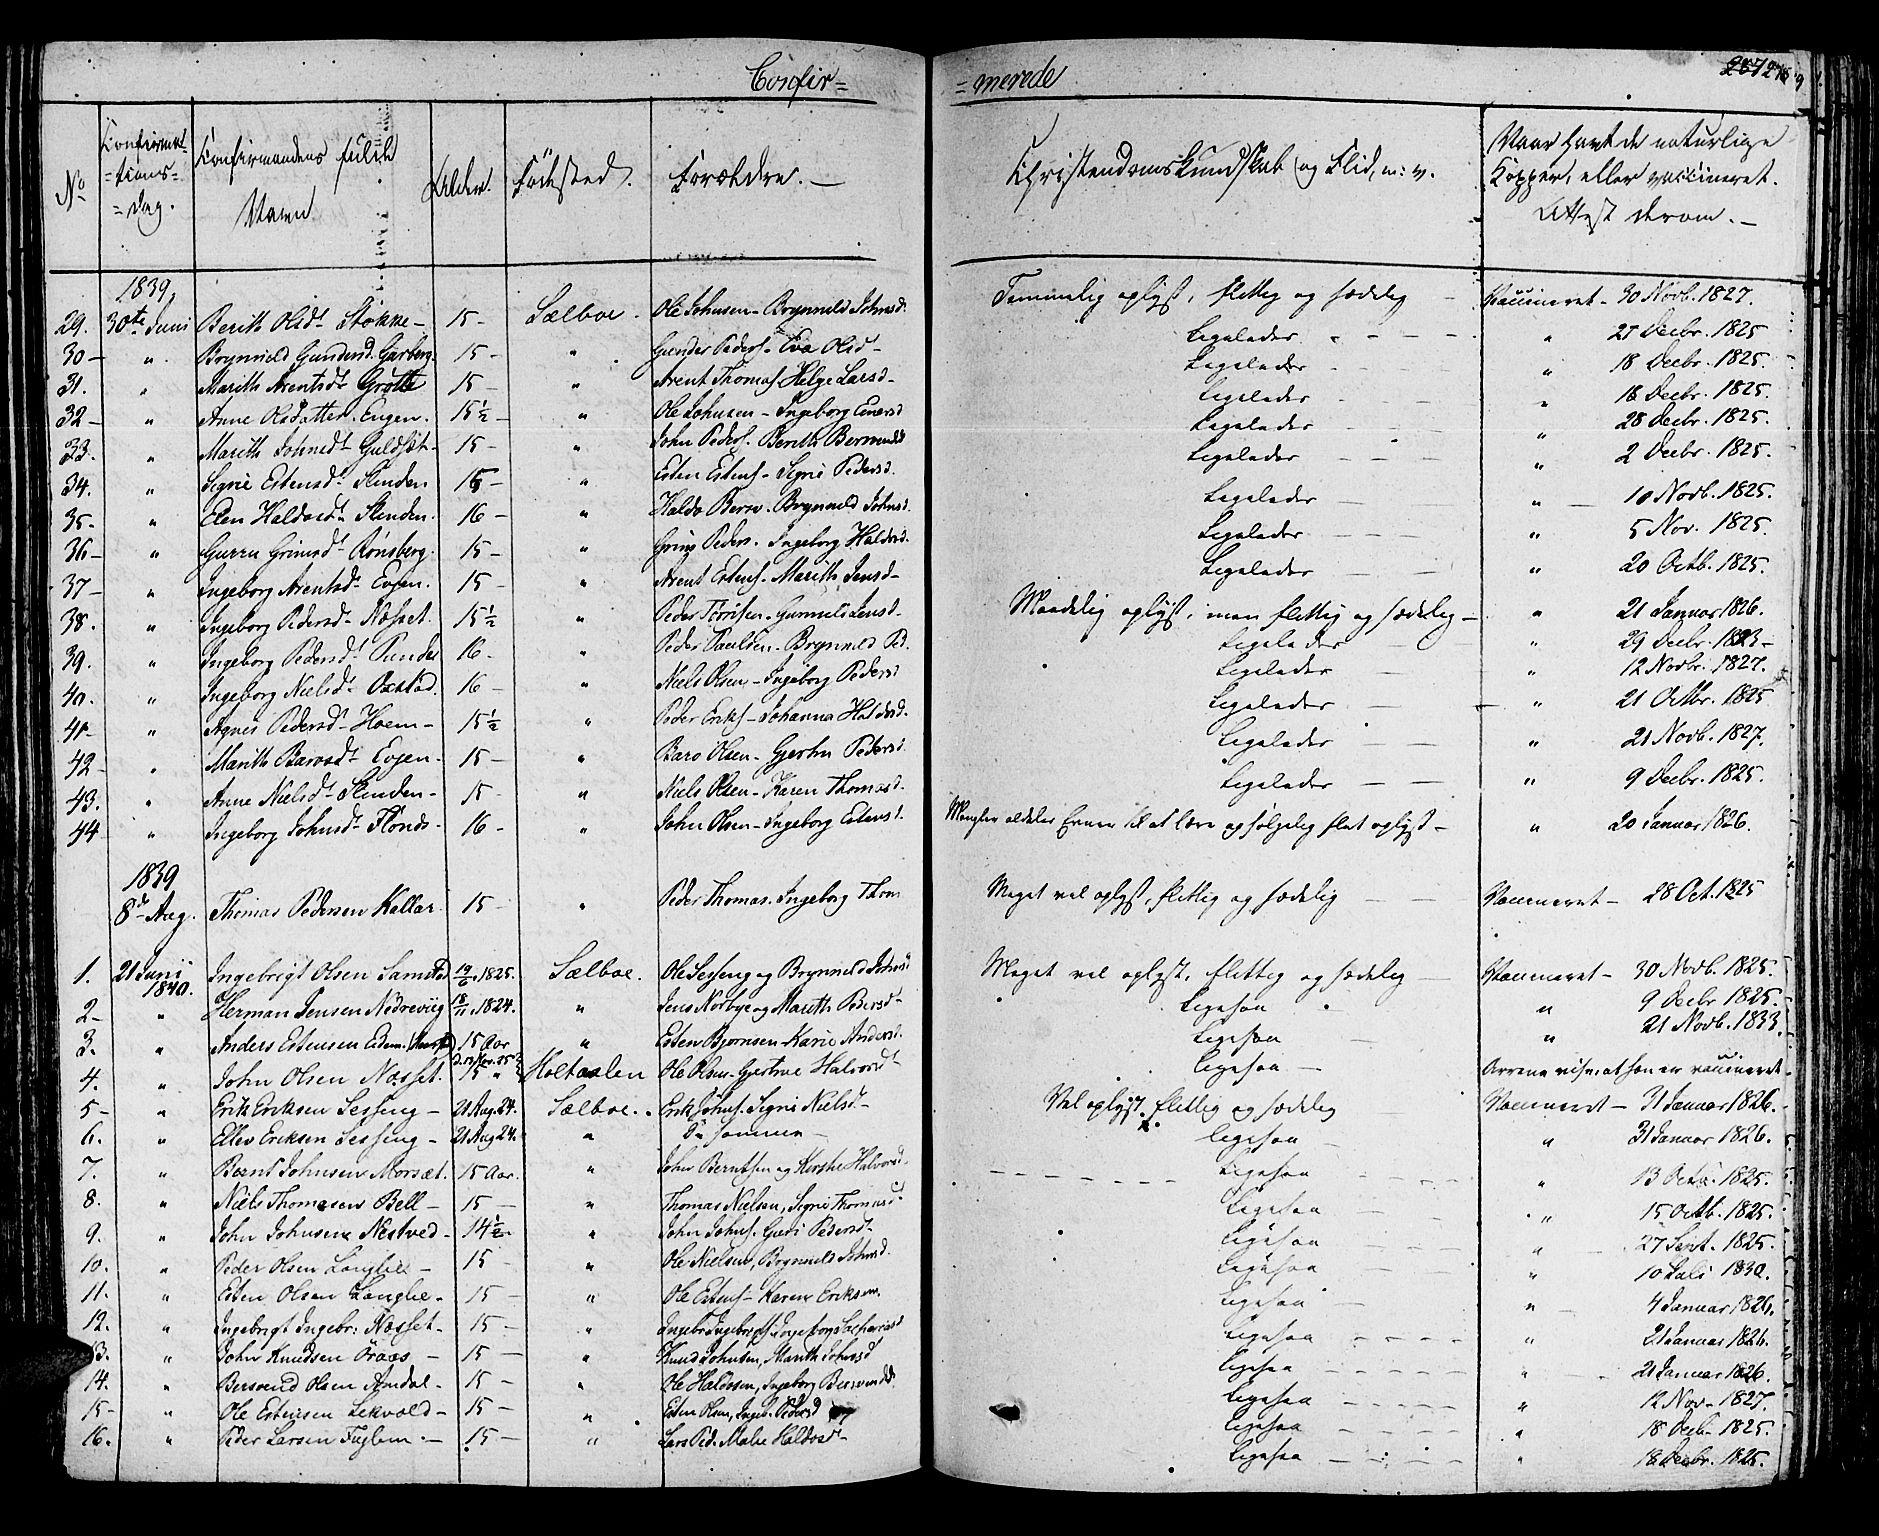 SAT, Ministerialprotokoller, klokkerbøker og fødselsregistre - Sør-Trøndelag, 695/L1143: Ministerialbok nr. 695A05 /1, 1824-1842, s. 278